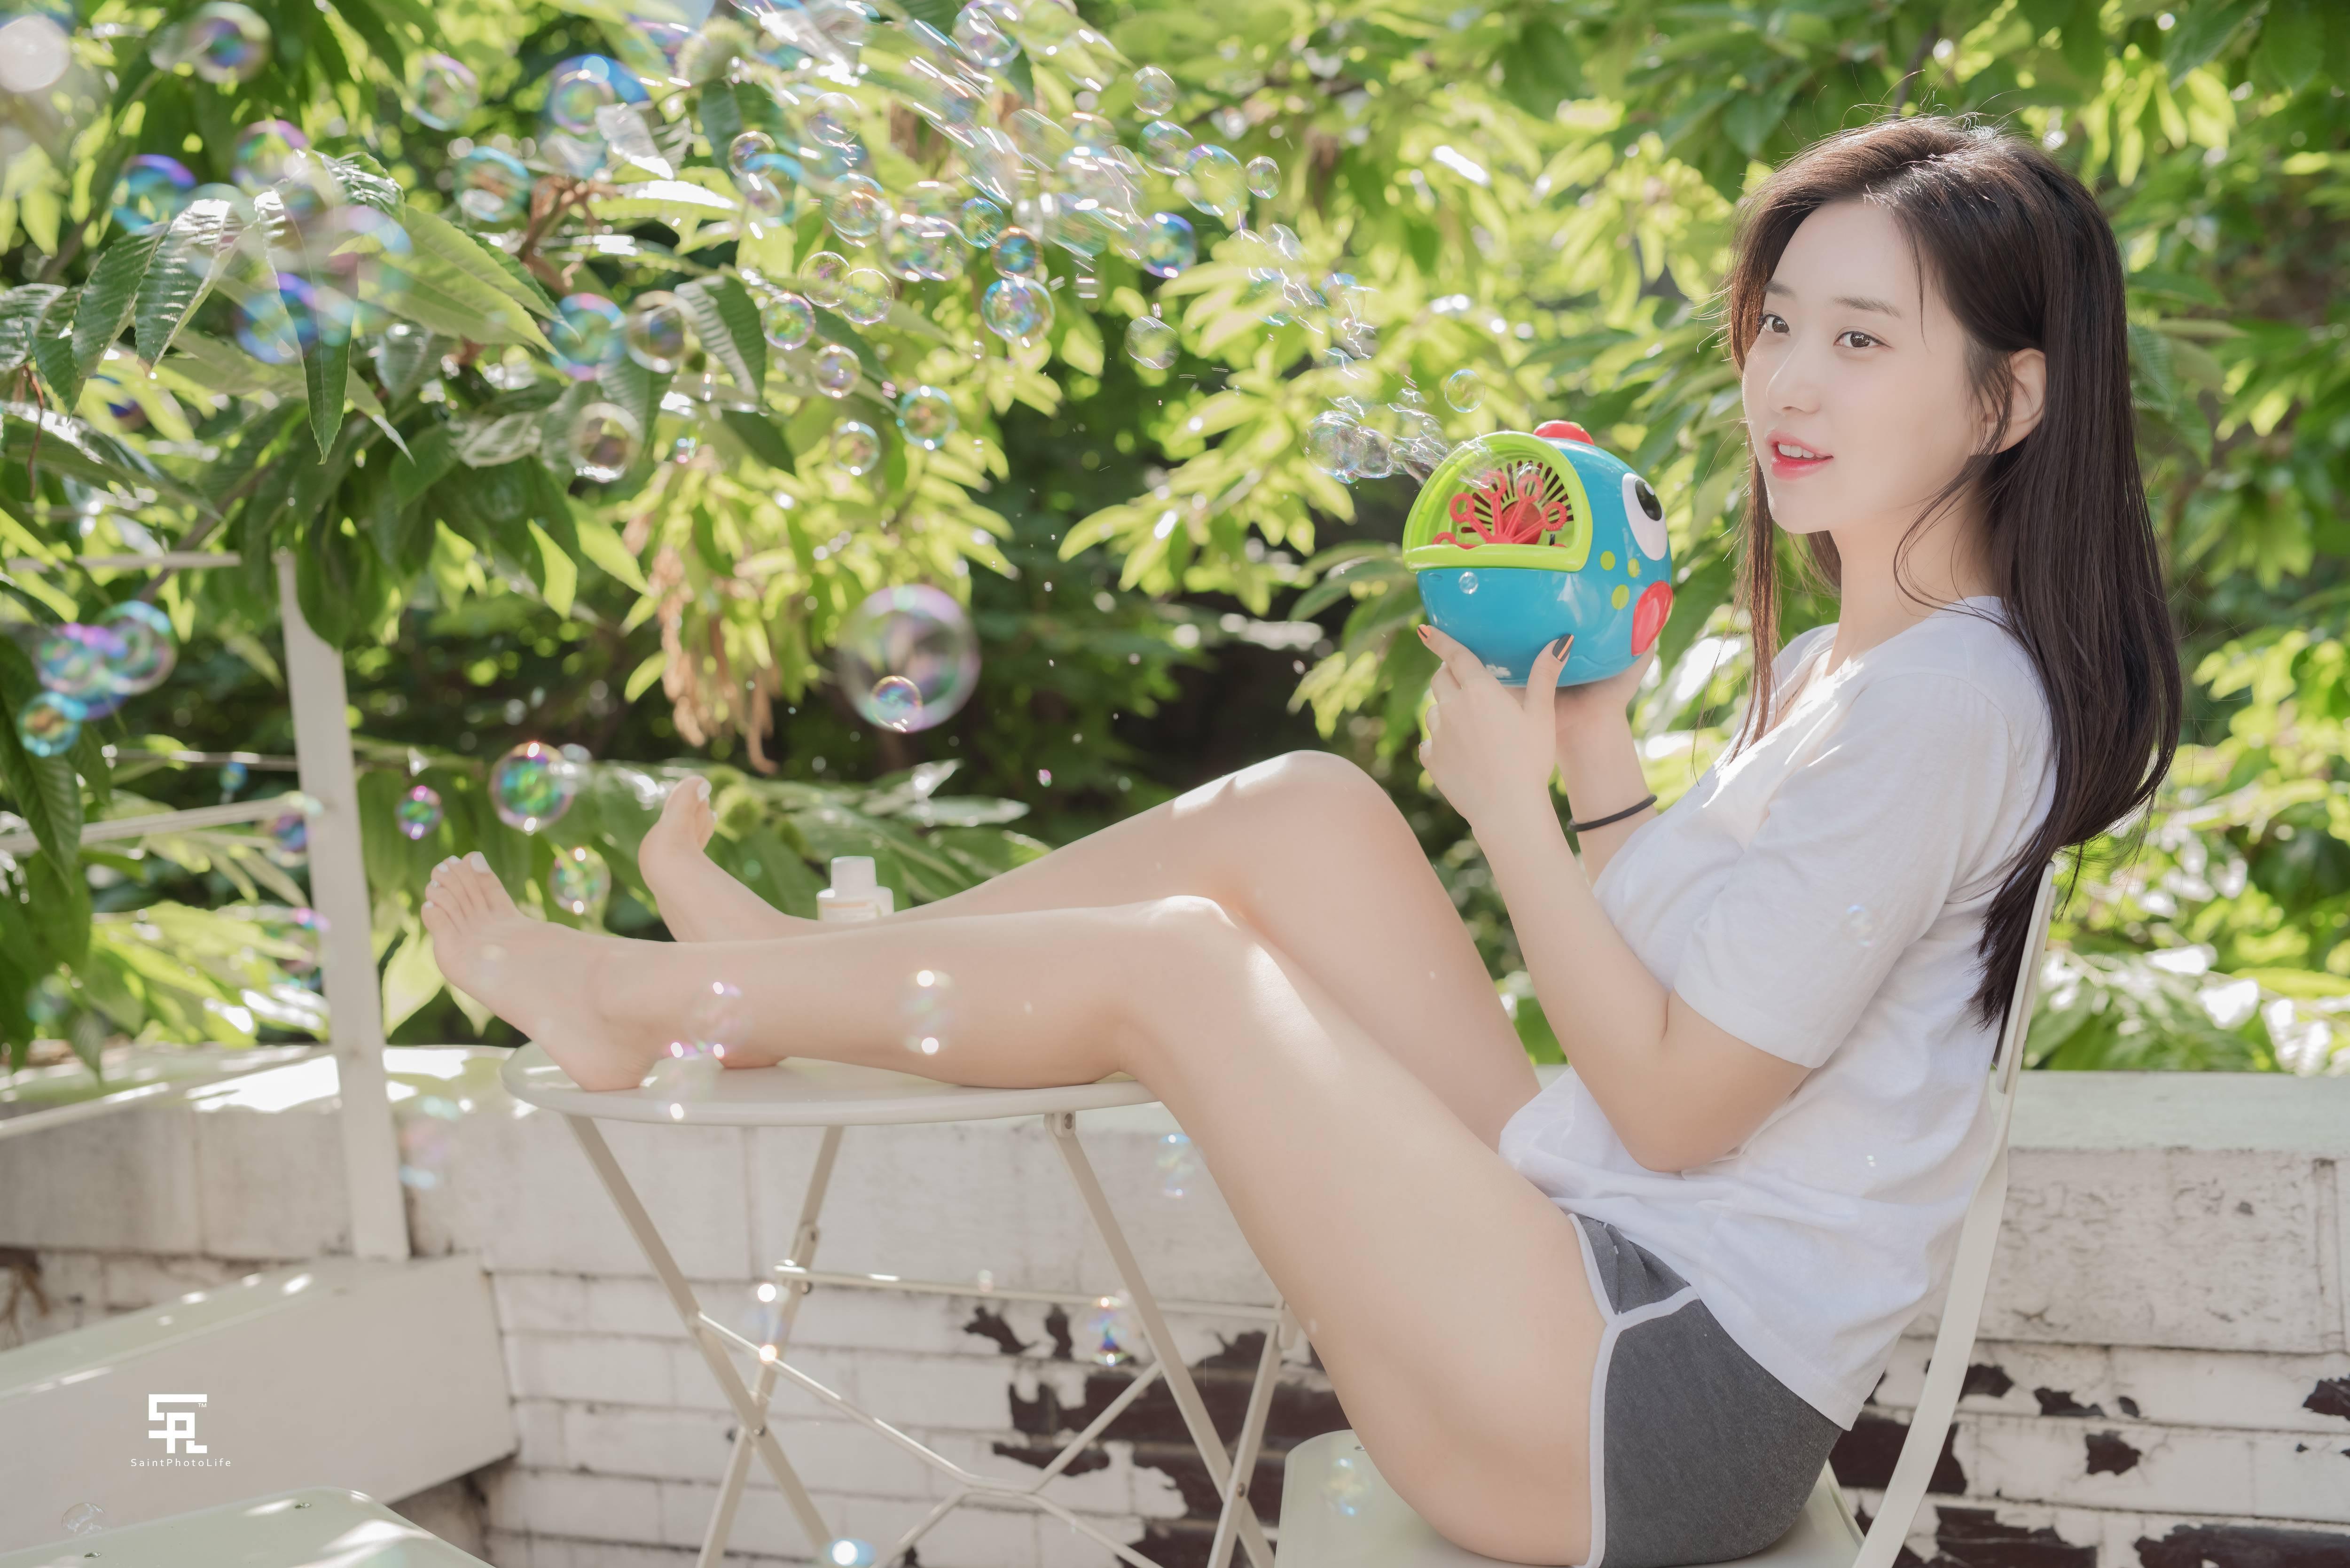 韩国网红申才恩,清纯可爱的脸蛋下,却藏着魔鬼般的身材!